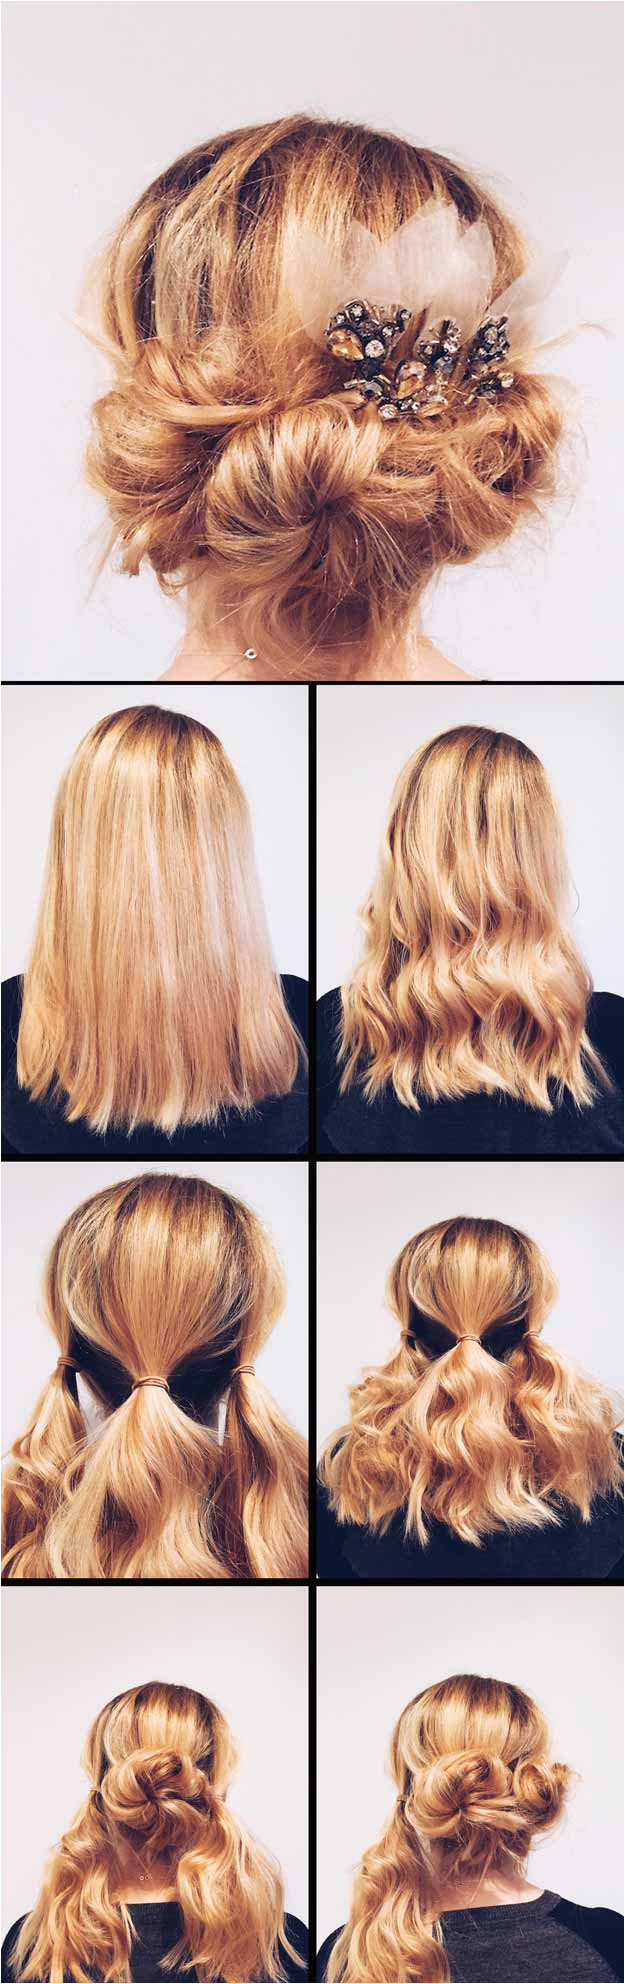 Long Wavy Hairstyles DIY Wedding Hair Easy DIY Updo Hair Tutorial Beautiful Long